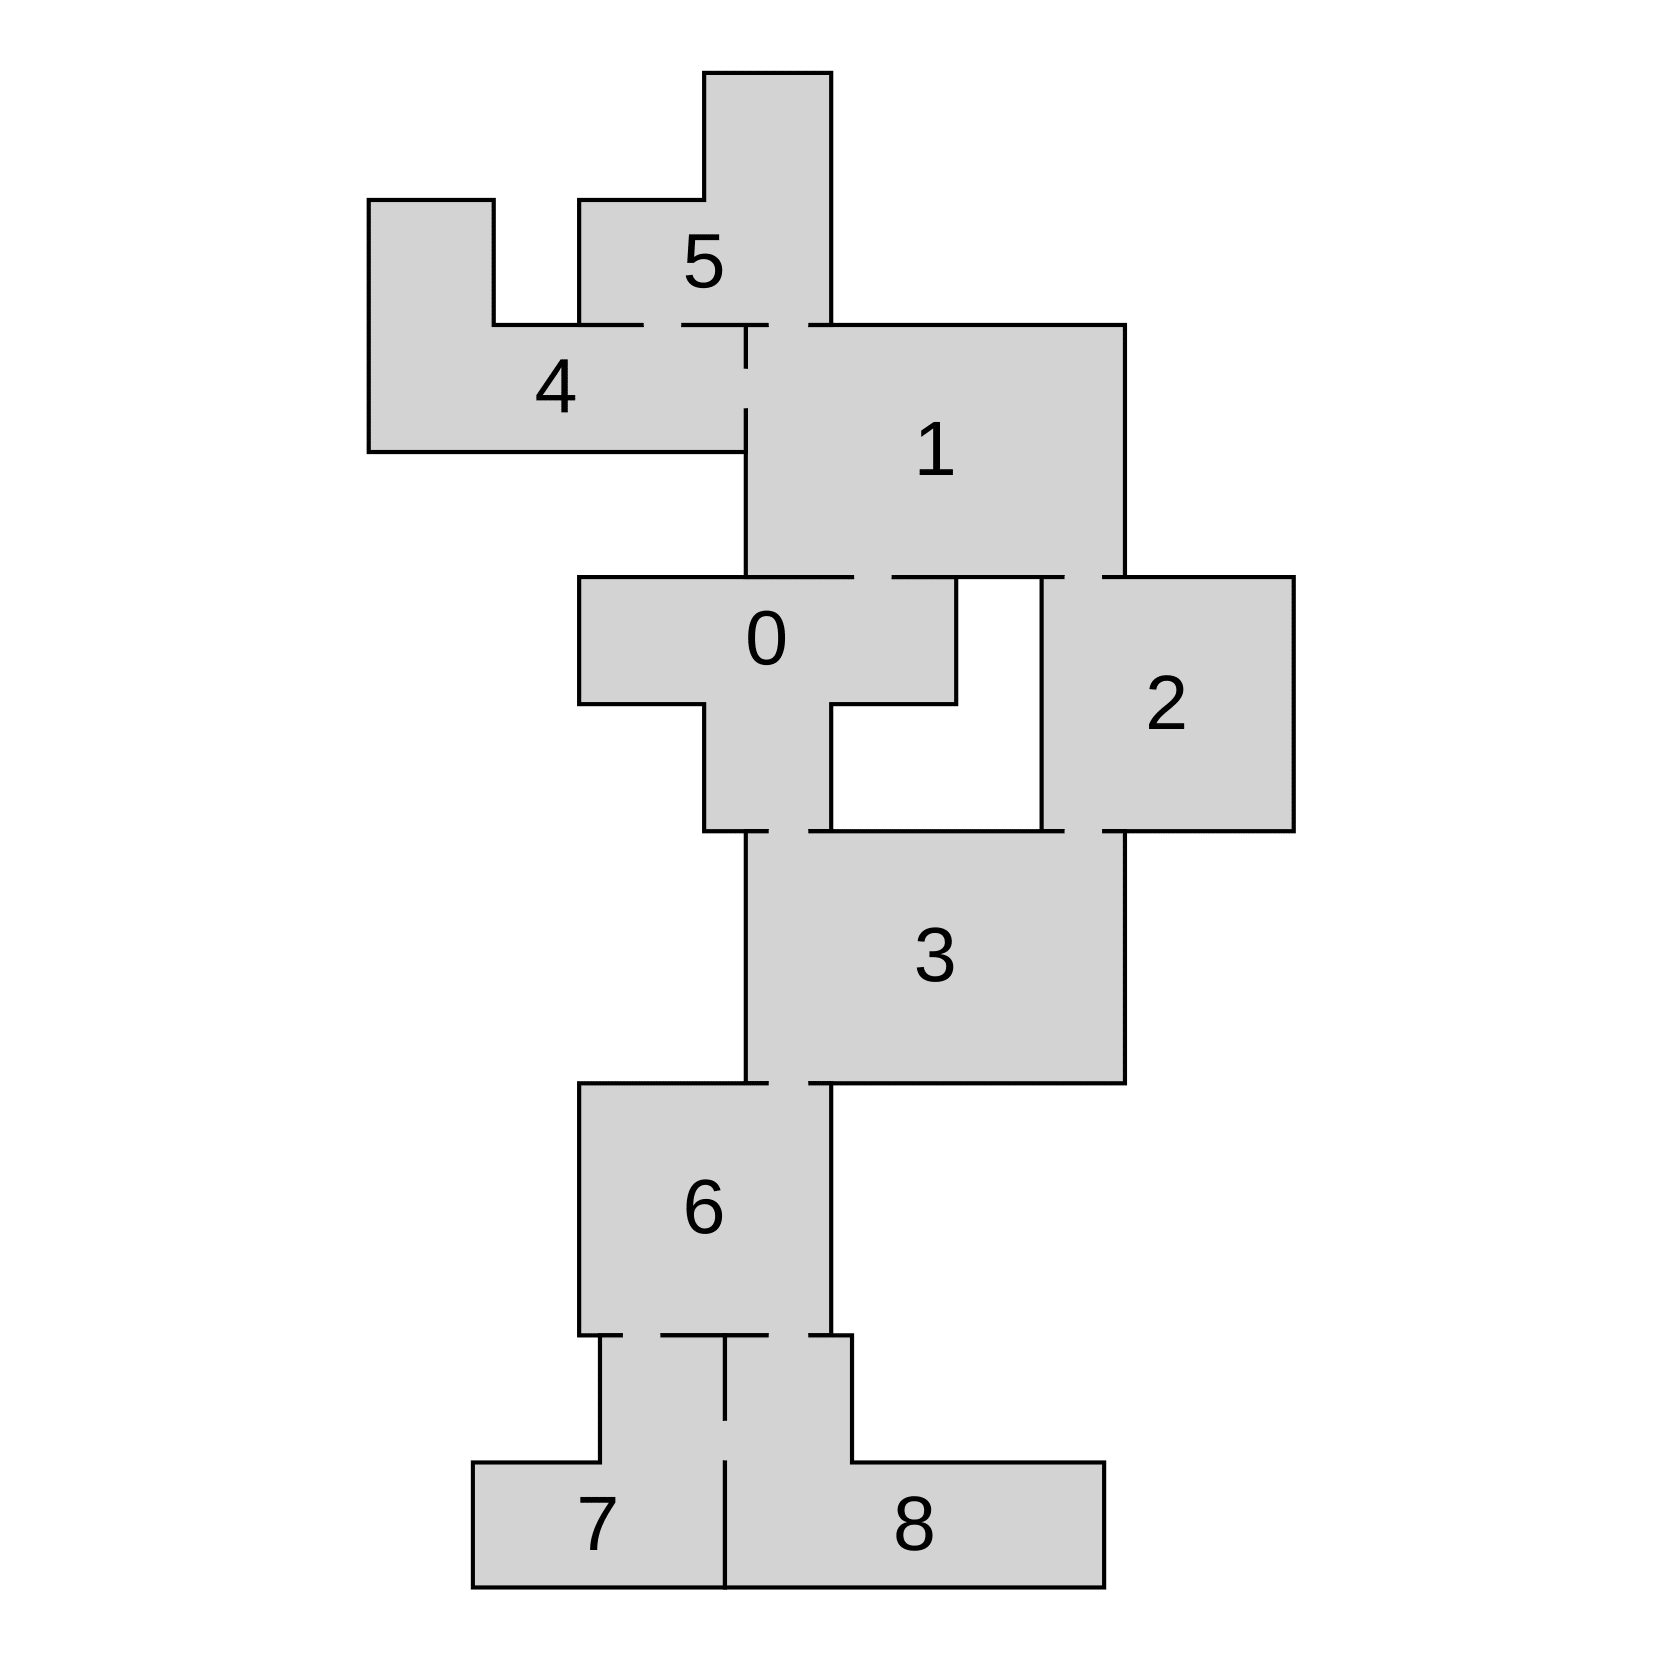 Генератор подземелий на основе узлов графа - 5